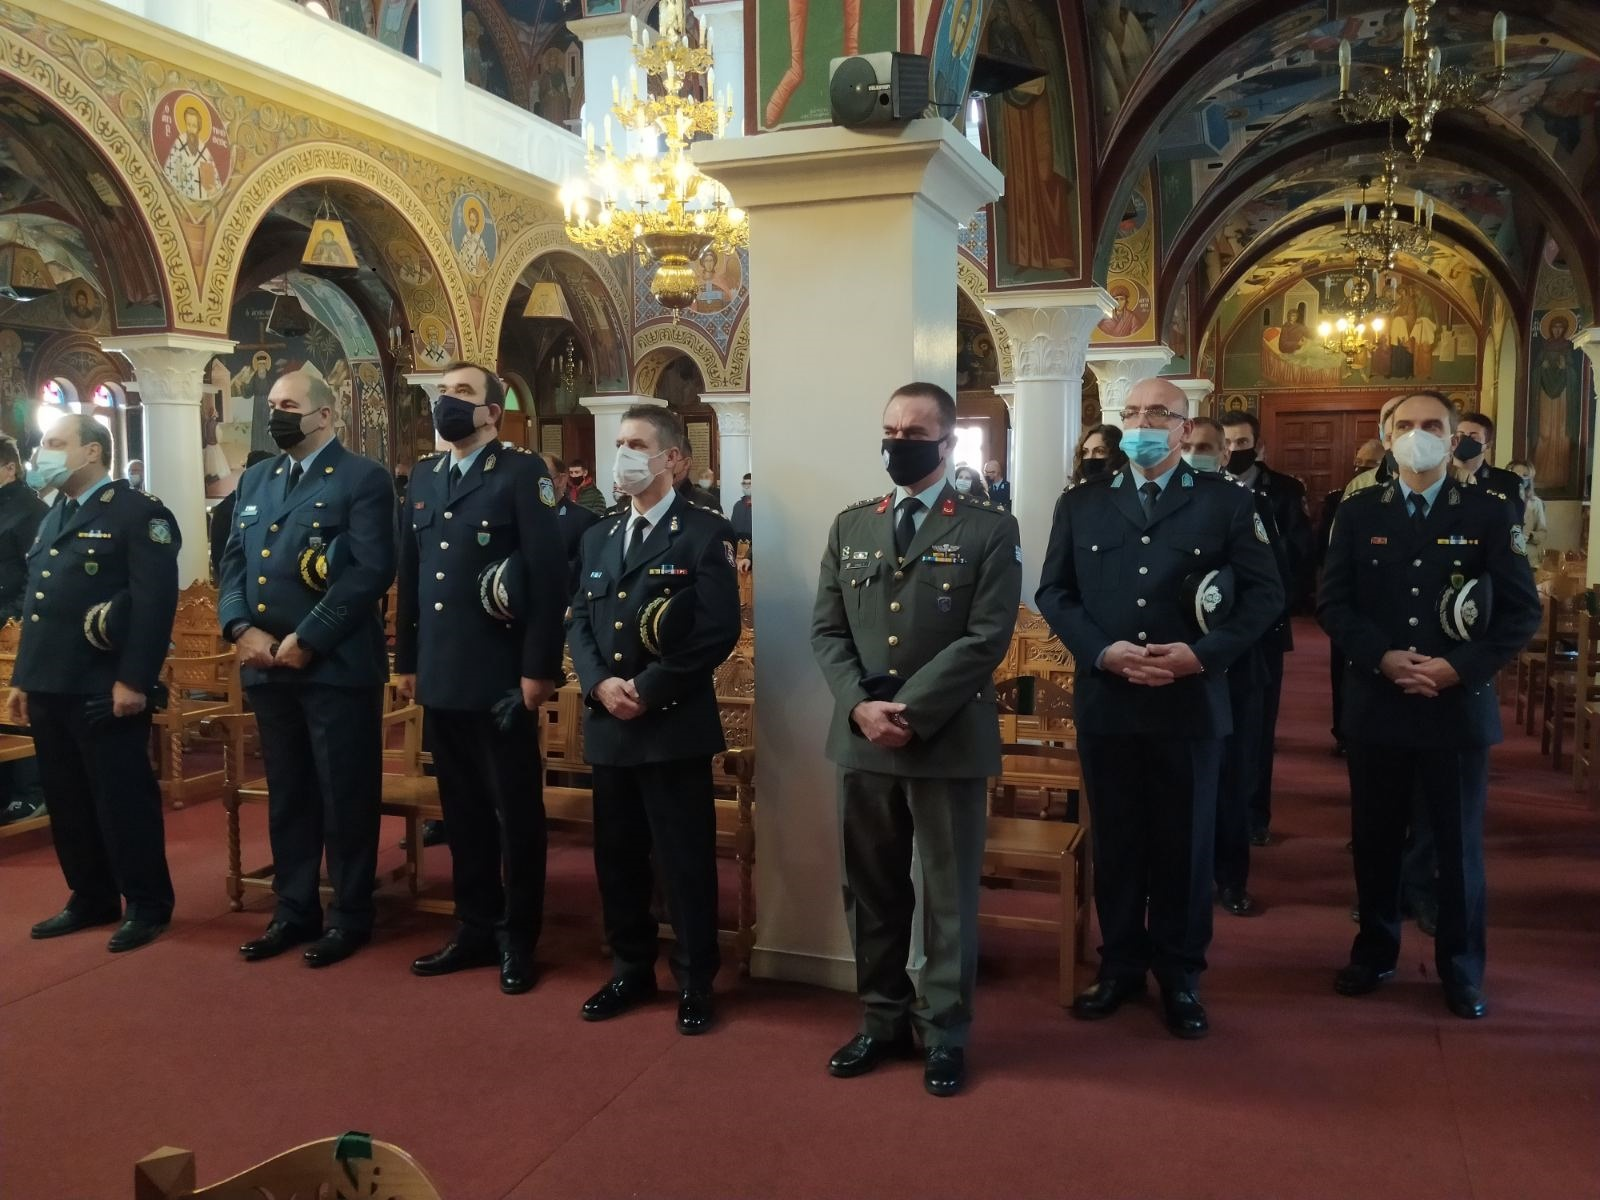 Εορτασμός του Προστάτη του Σώματος,Μεγαλομάρτυρα Αγίου Αρτεμίου και της «Ημέρας της Αστυνομίας»- Εορταστικές εκδηλώσεις σε Γρεβενά, Καστοριά, Κοζάνη, Φλώρινα